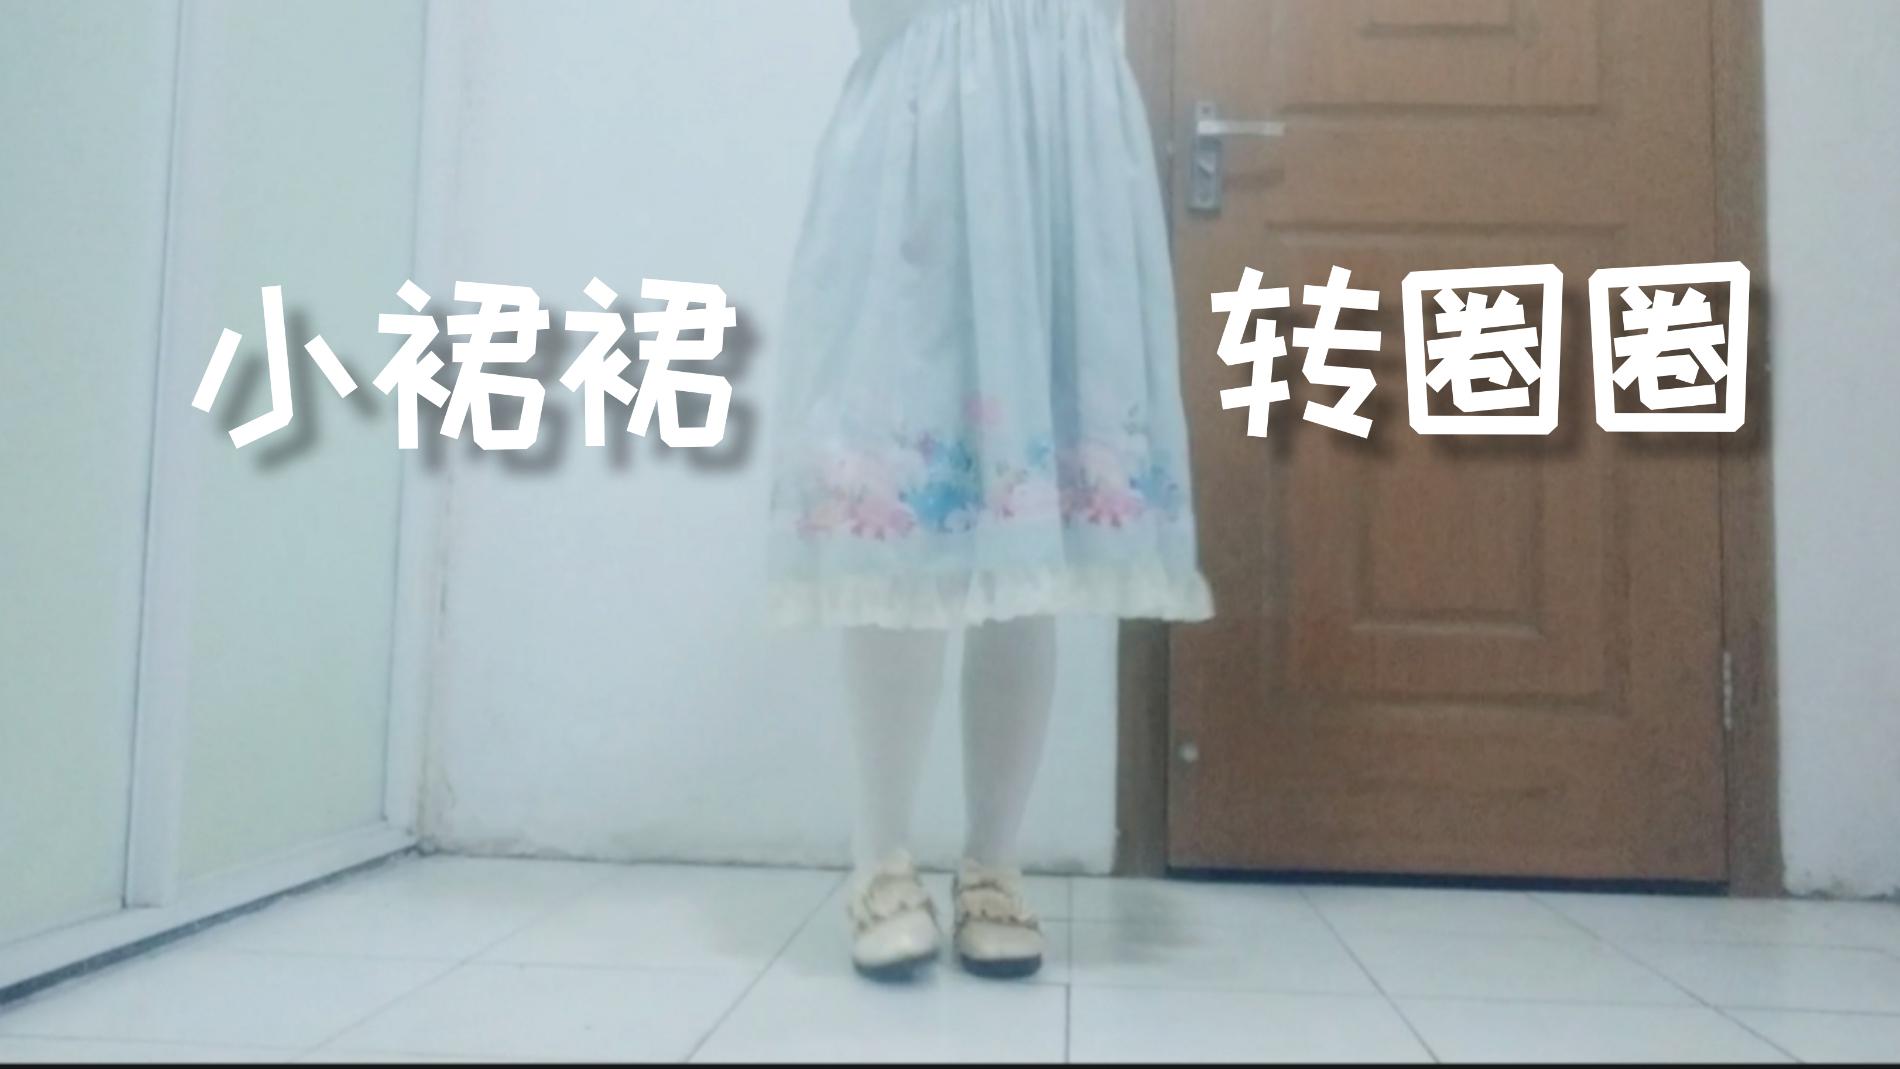 【小裙裙挑战】试试转圈圈,但画质真的渣QAQ